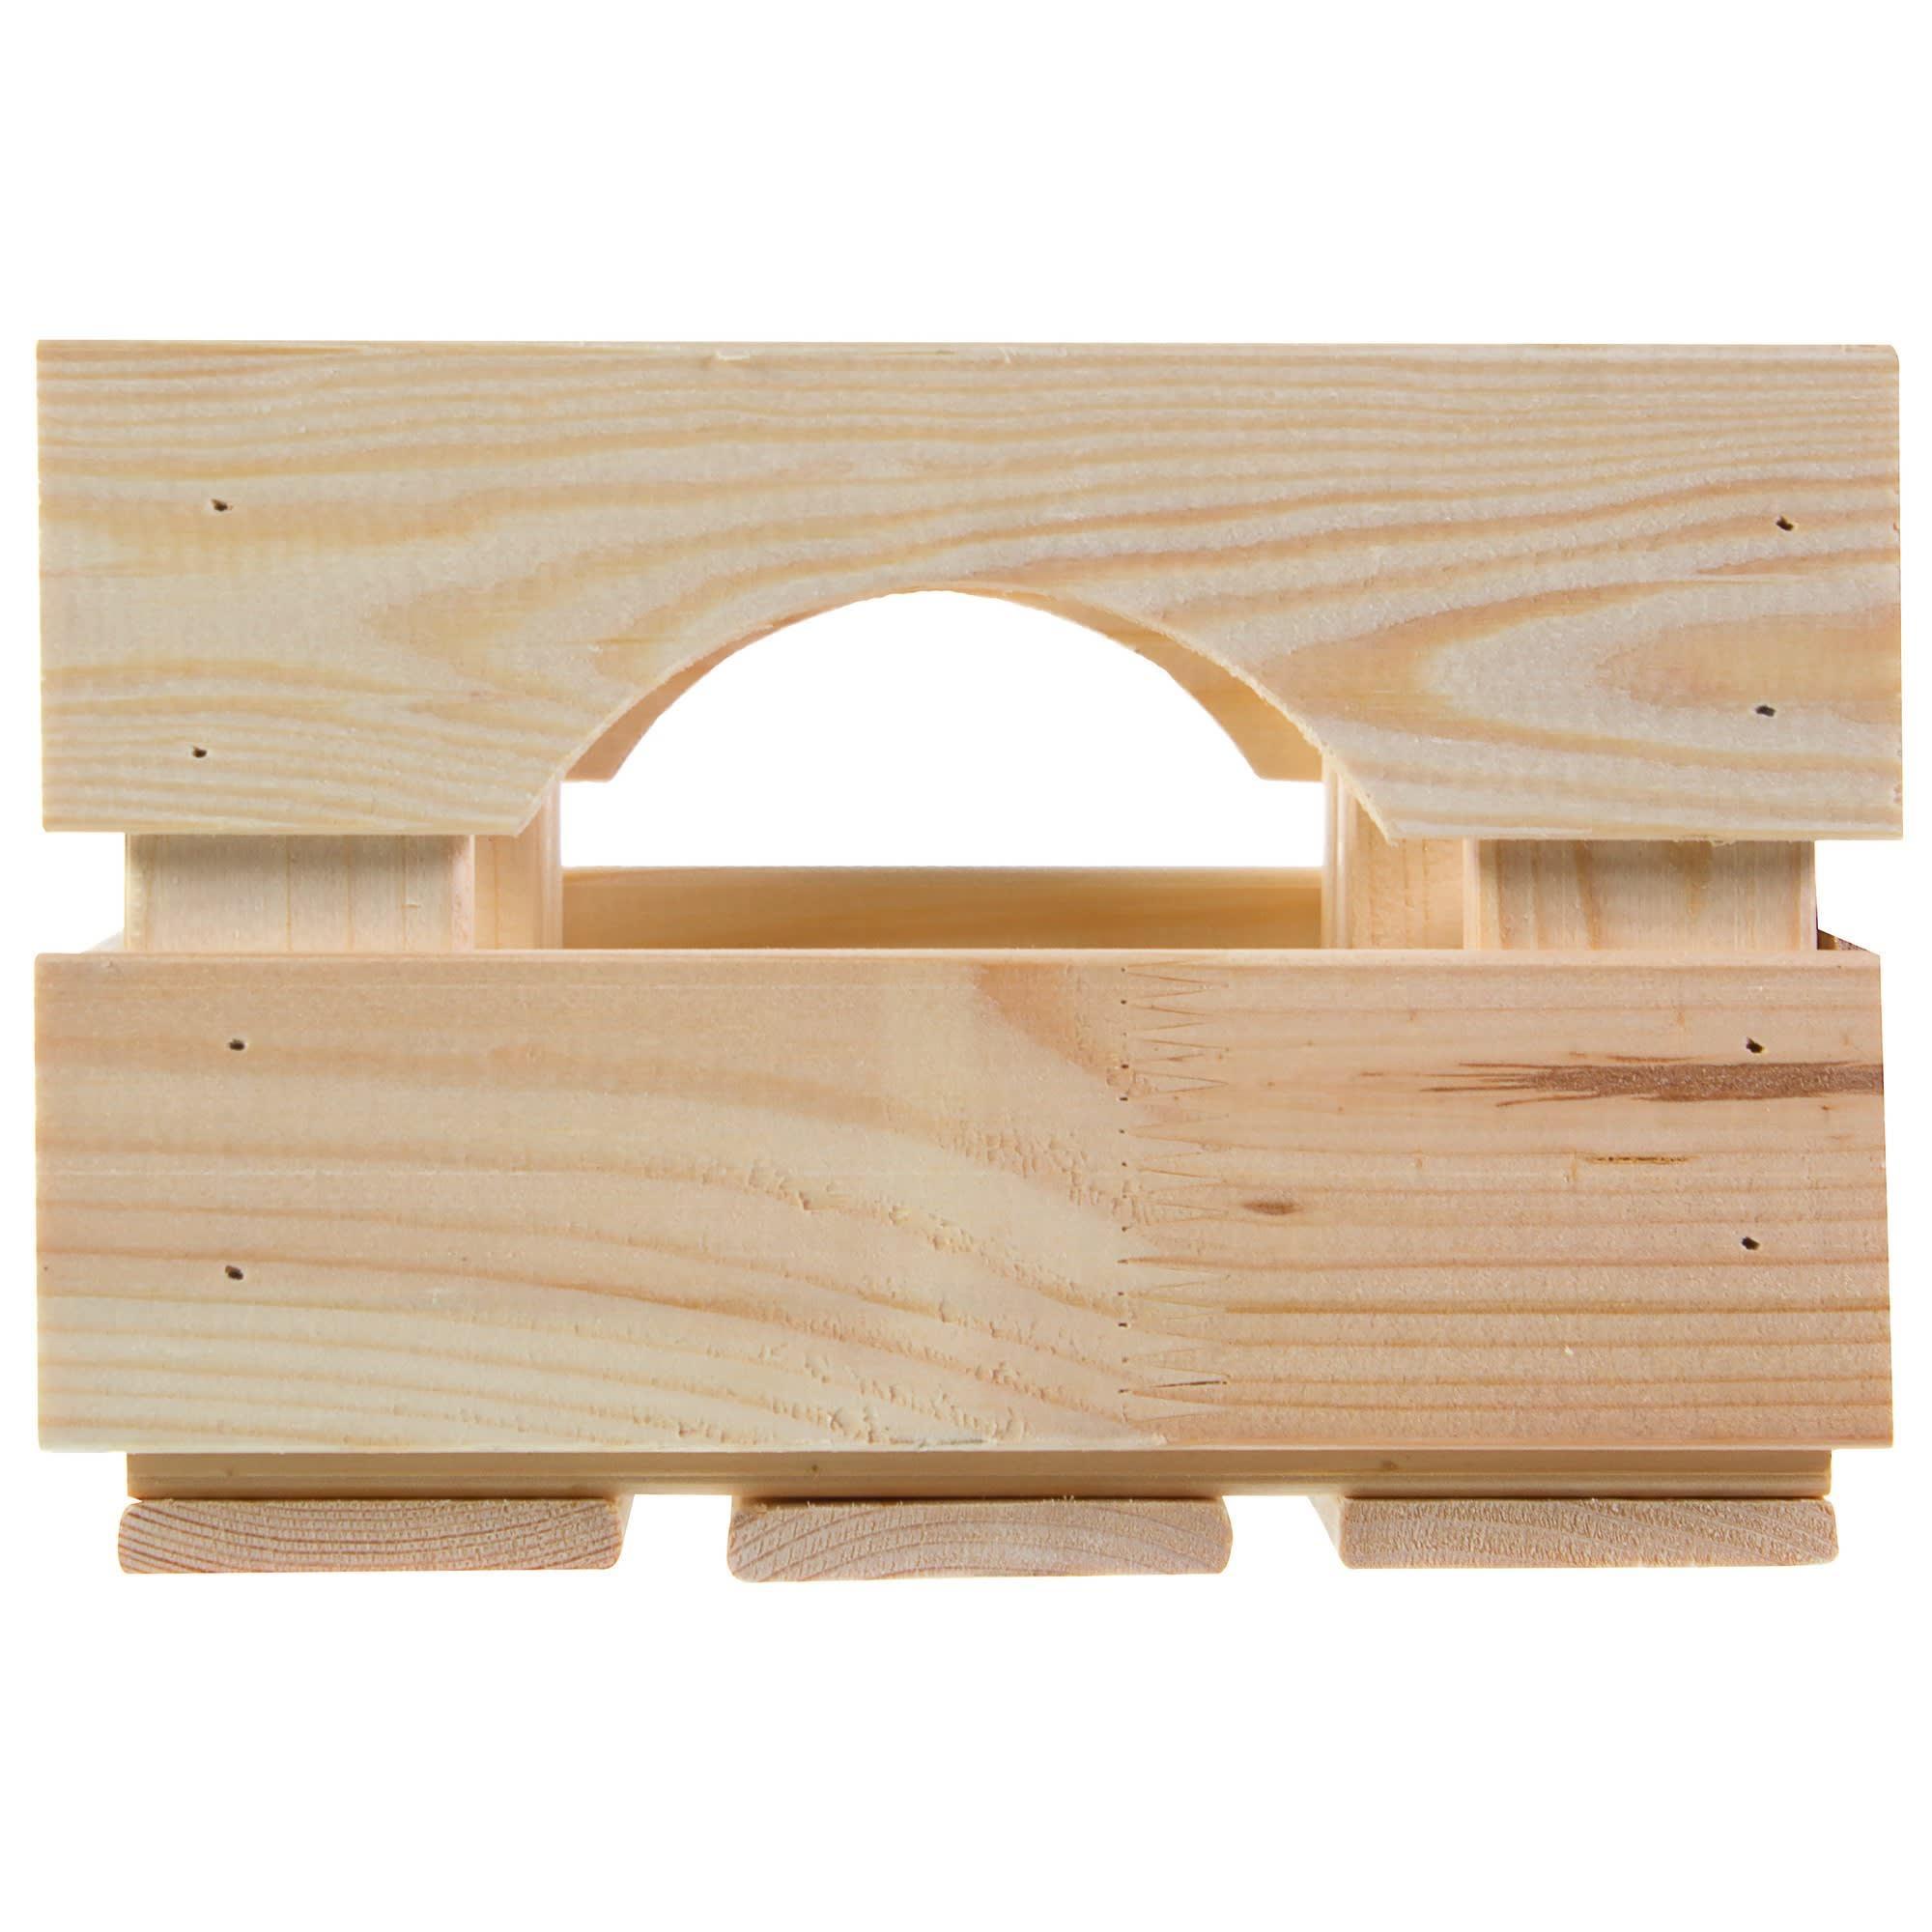 55f9aad2289b7 Ящик деревянный 31x23x15.4 см в Москве – купить по низкой цене в ...